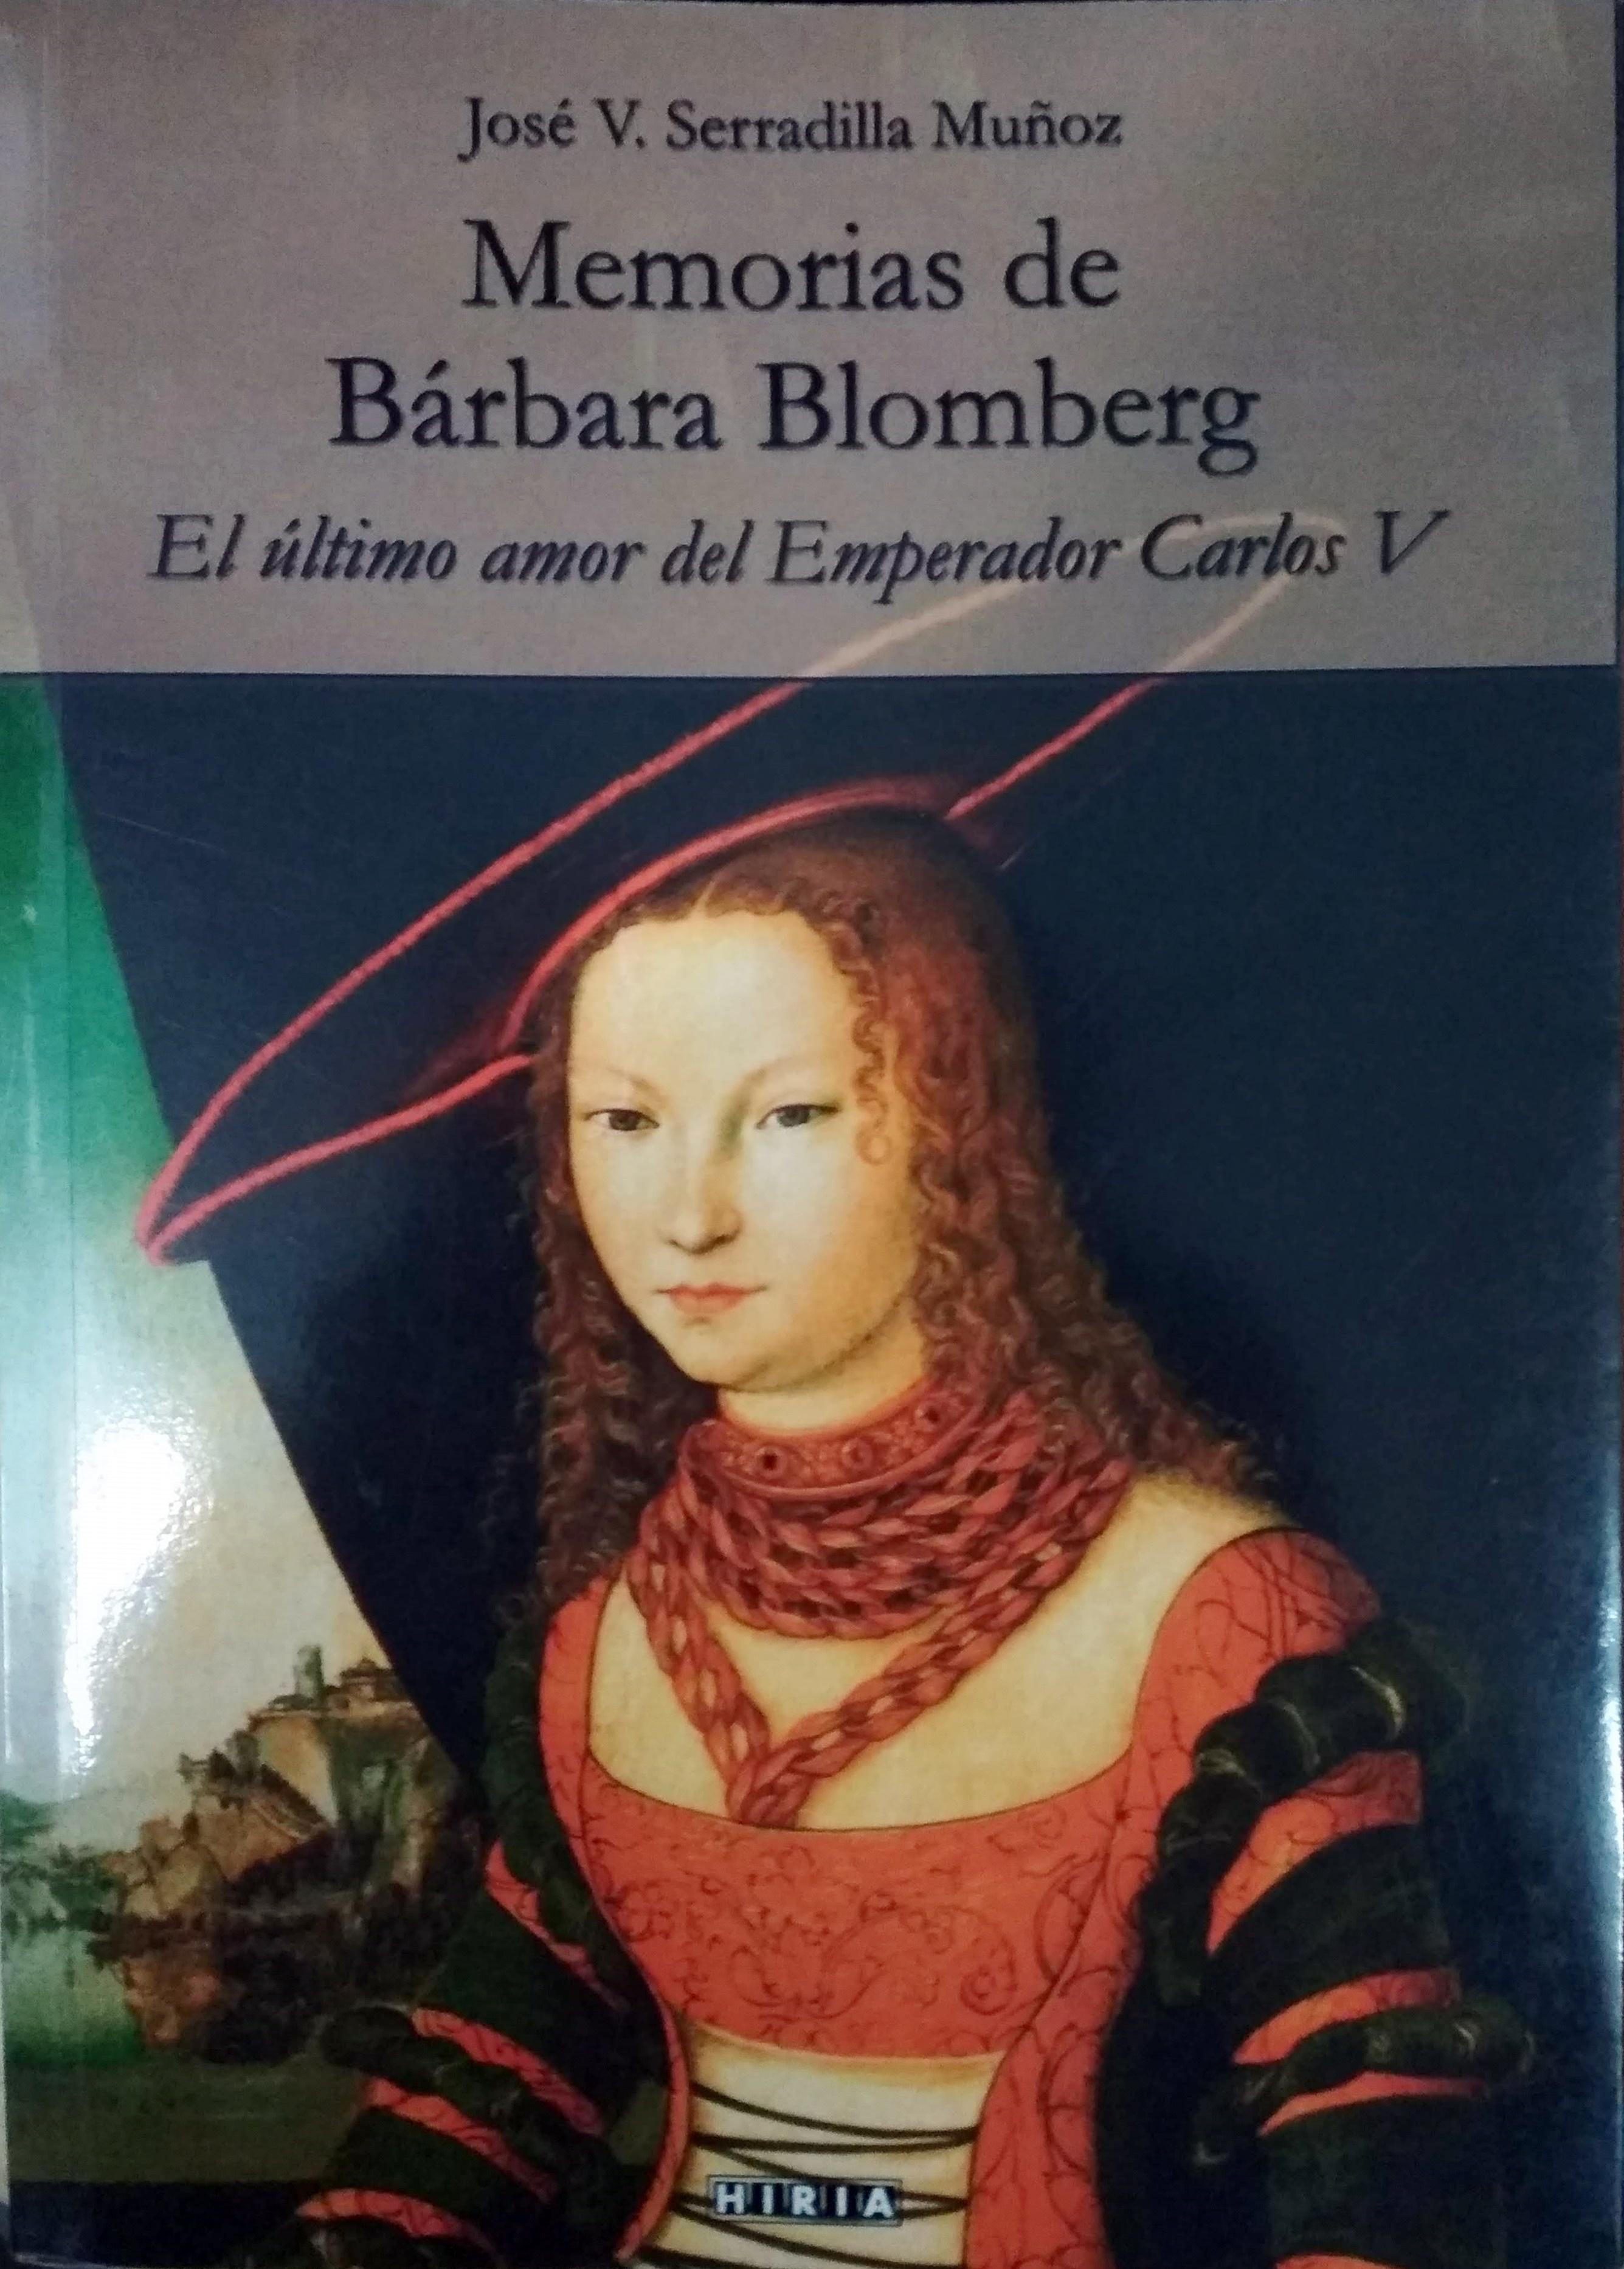 Memorias de Bárbara Blomberg